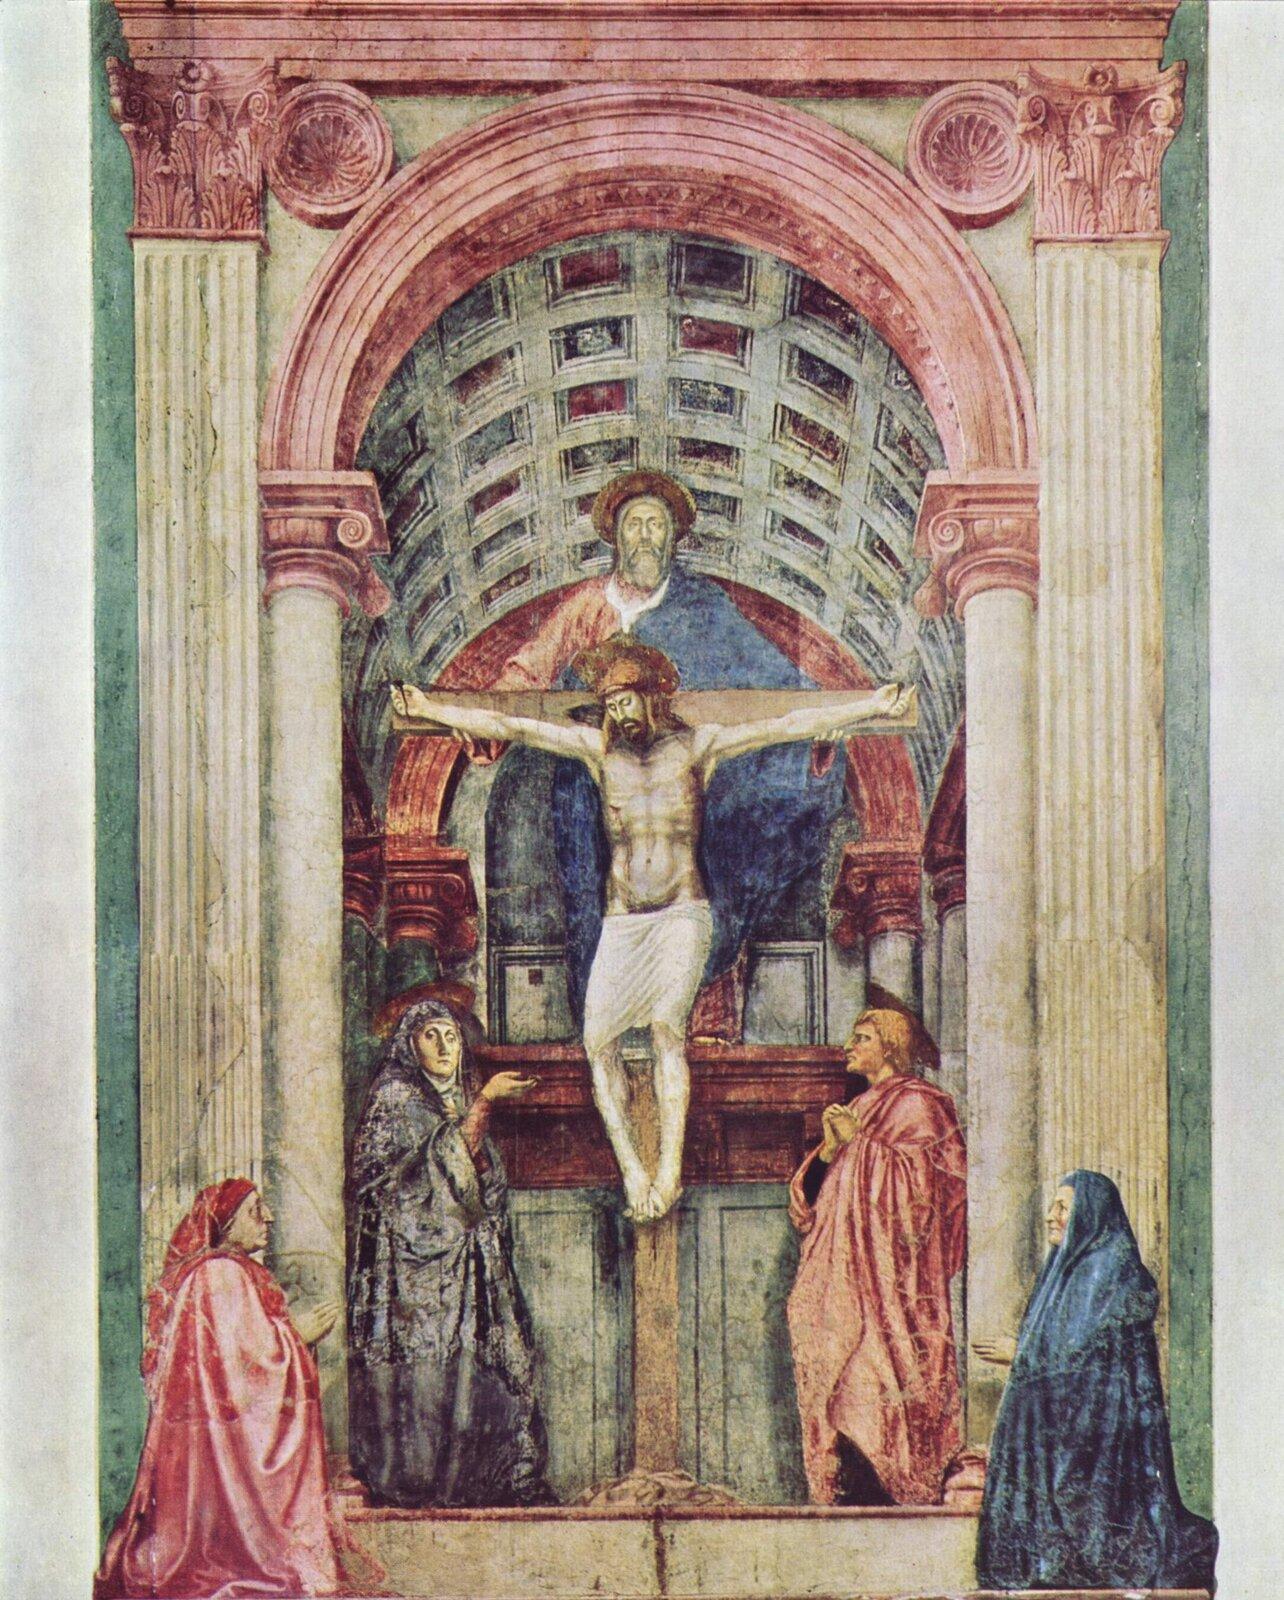 """Ilustracja przedstawia obraz Masaccio """"Święta Trójca"""". Wcentralnym punkcie znajduje się ukrzyżowany Chrystus. Nad nim góruje postać Boga Ojca ubranego wczerwono-niebieskie szaty, apomiędzy nimi wpostaci gołębicy - Duch Święty. Po obu bokach krzyża stoją osoby: Maria (po lewej stronie) iśw. Jan (po prawej stronie). Kobieta ma na sobie czarną szatę, która przykrywa również głowę. Prawą rękę wskazuje na Jezusa na krzyżu. Mężczyzna po prawej stronie jest wczerwonej szacie. Ręce ma złożone jak do modlitwy. Scena jest oddzielona wysokim progiem irzymskim łukiem triumfalnym. Głębie pomieszczenia akcentują dwie dodatkowe postacie klęczące przed bocznymi pilastrami: kobieta imężczyzna. Kobieta ubrana jest wgranatowy strój izchustą na głowie wtym samym kolorze. Mężczyzna ma czerwony strój idługą czapkę na głowie zwisającą do ramion."""